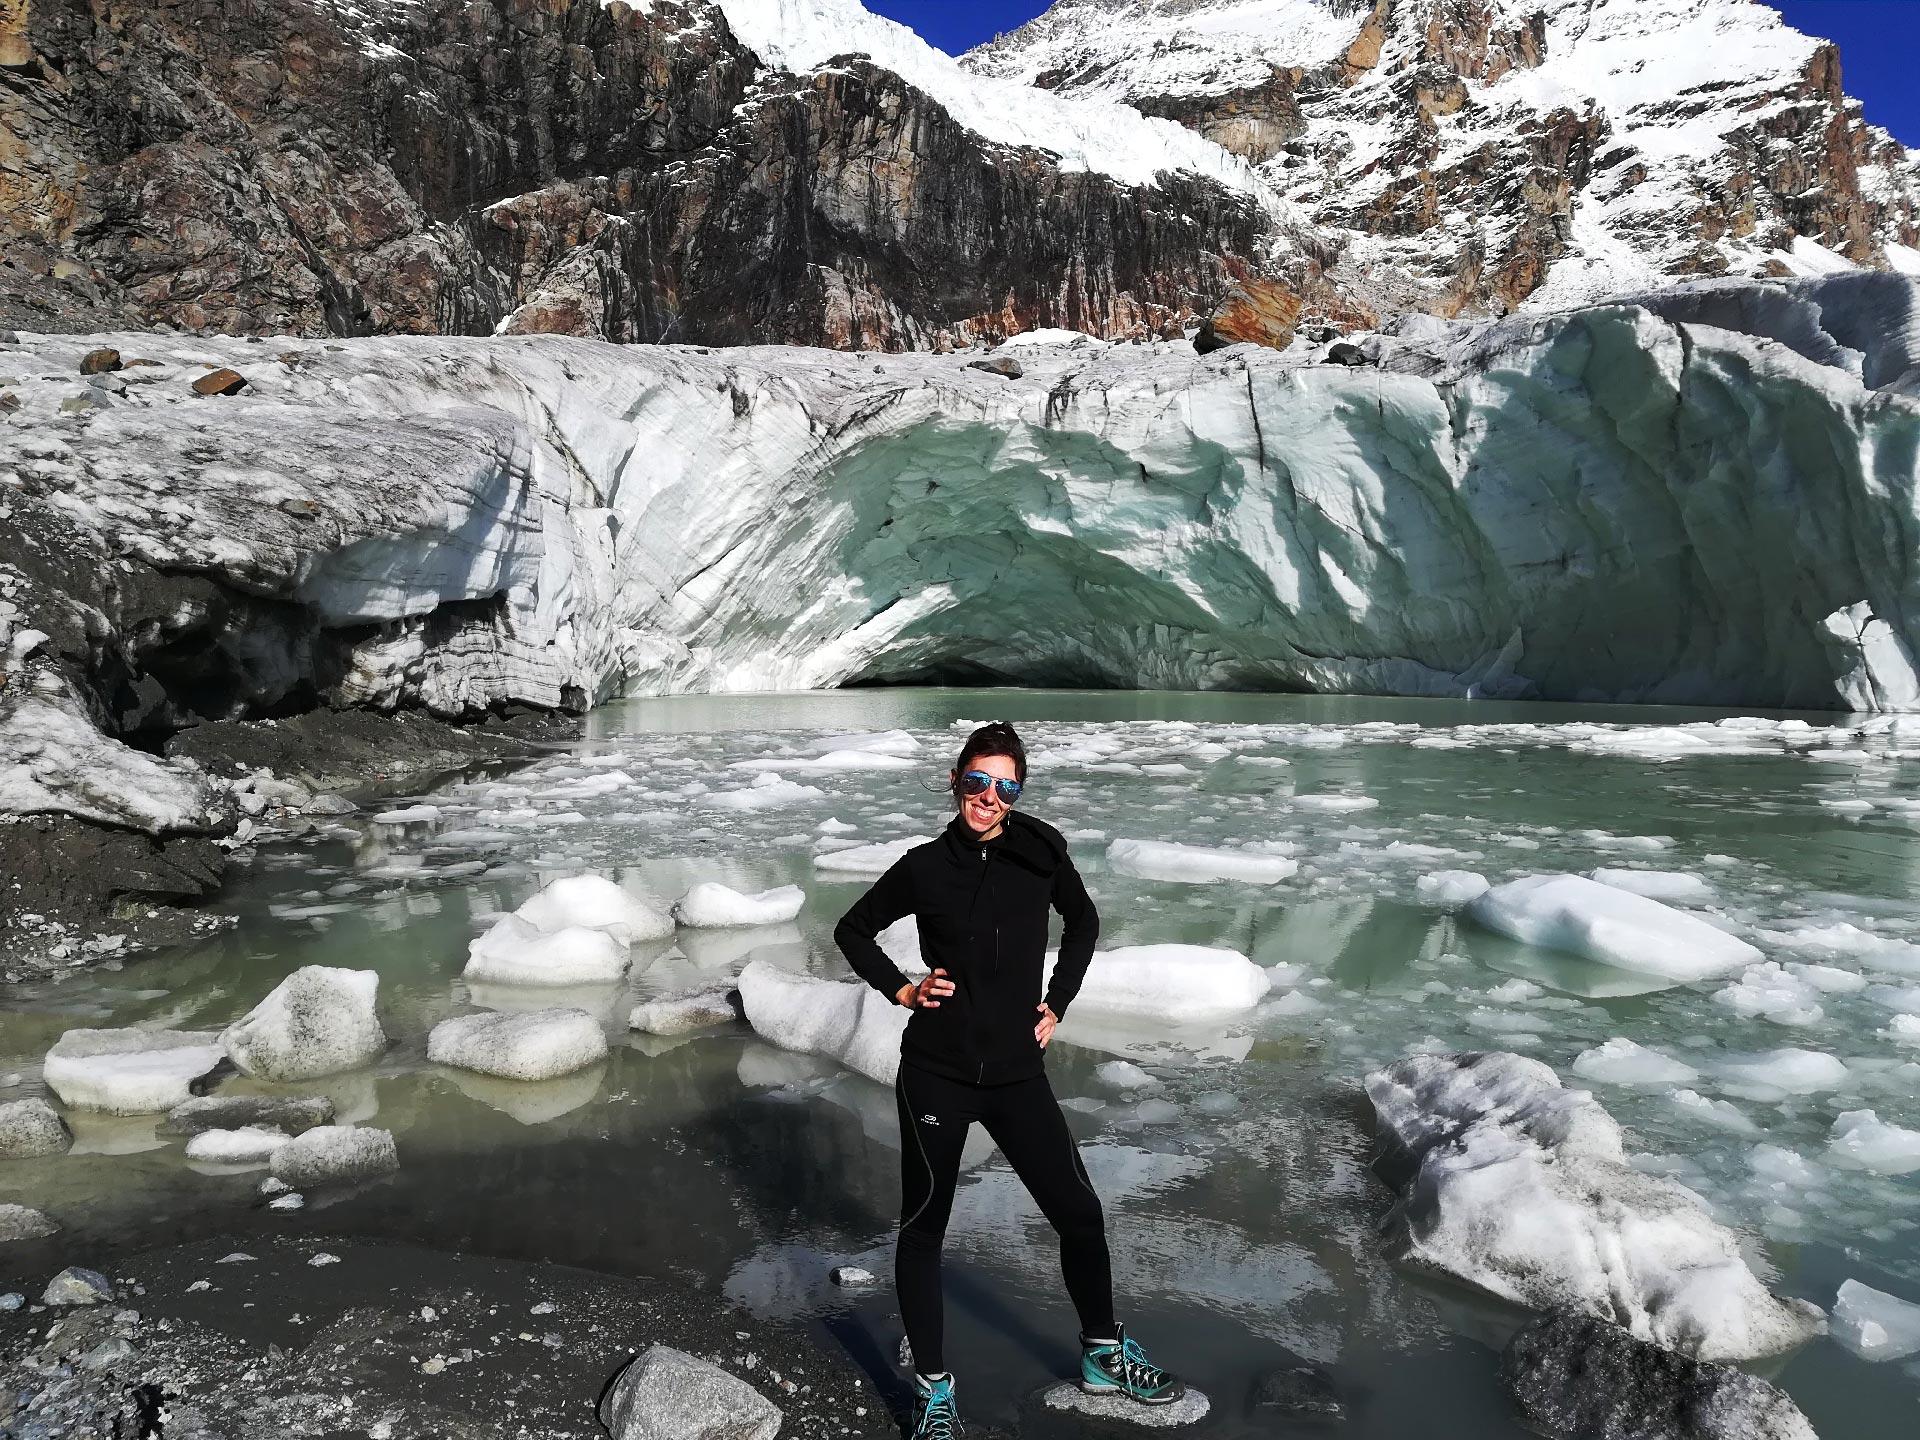 il ghiacciaio fellaria in valmalenco, Lombardia